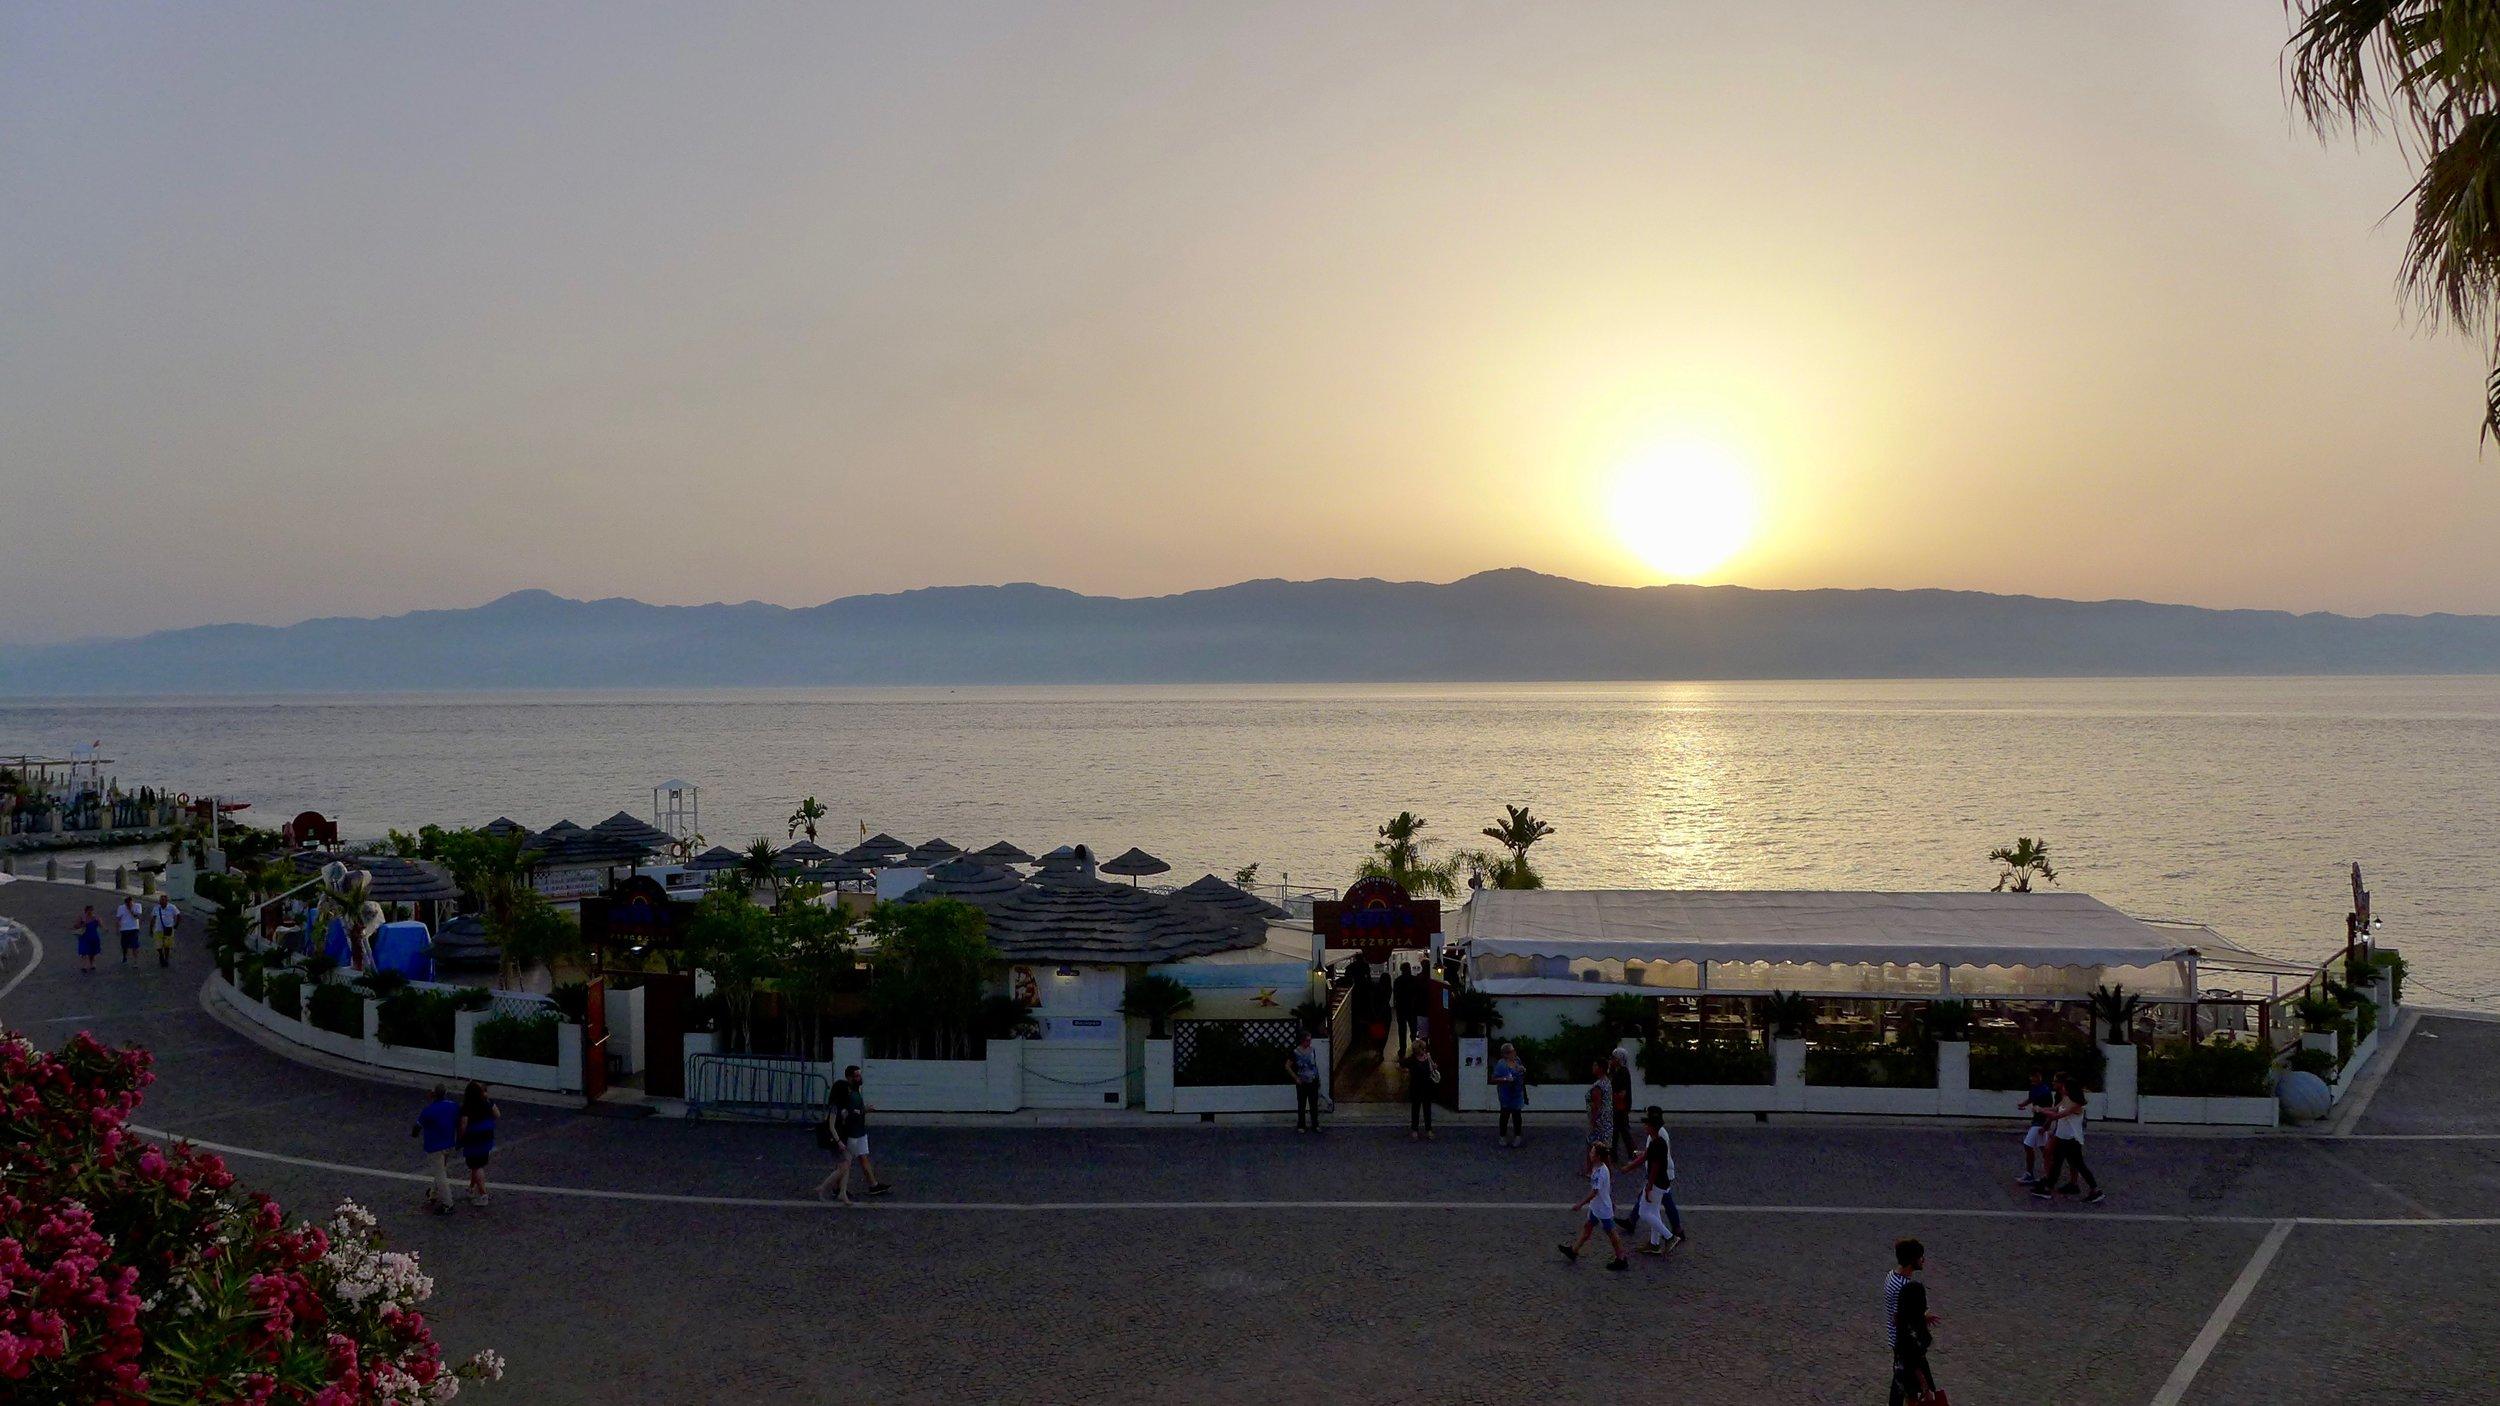 pepys-beach-reggio.jpg